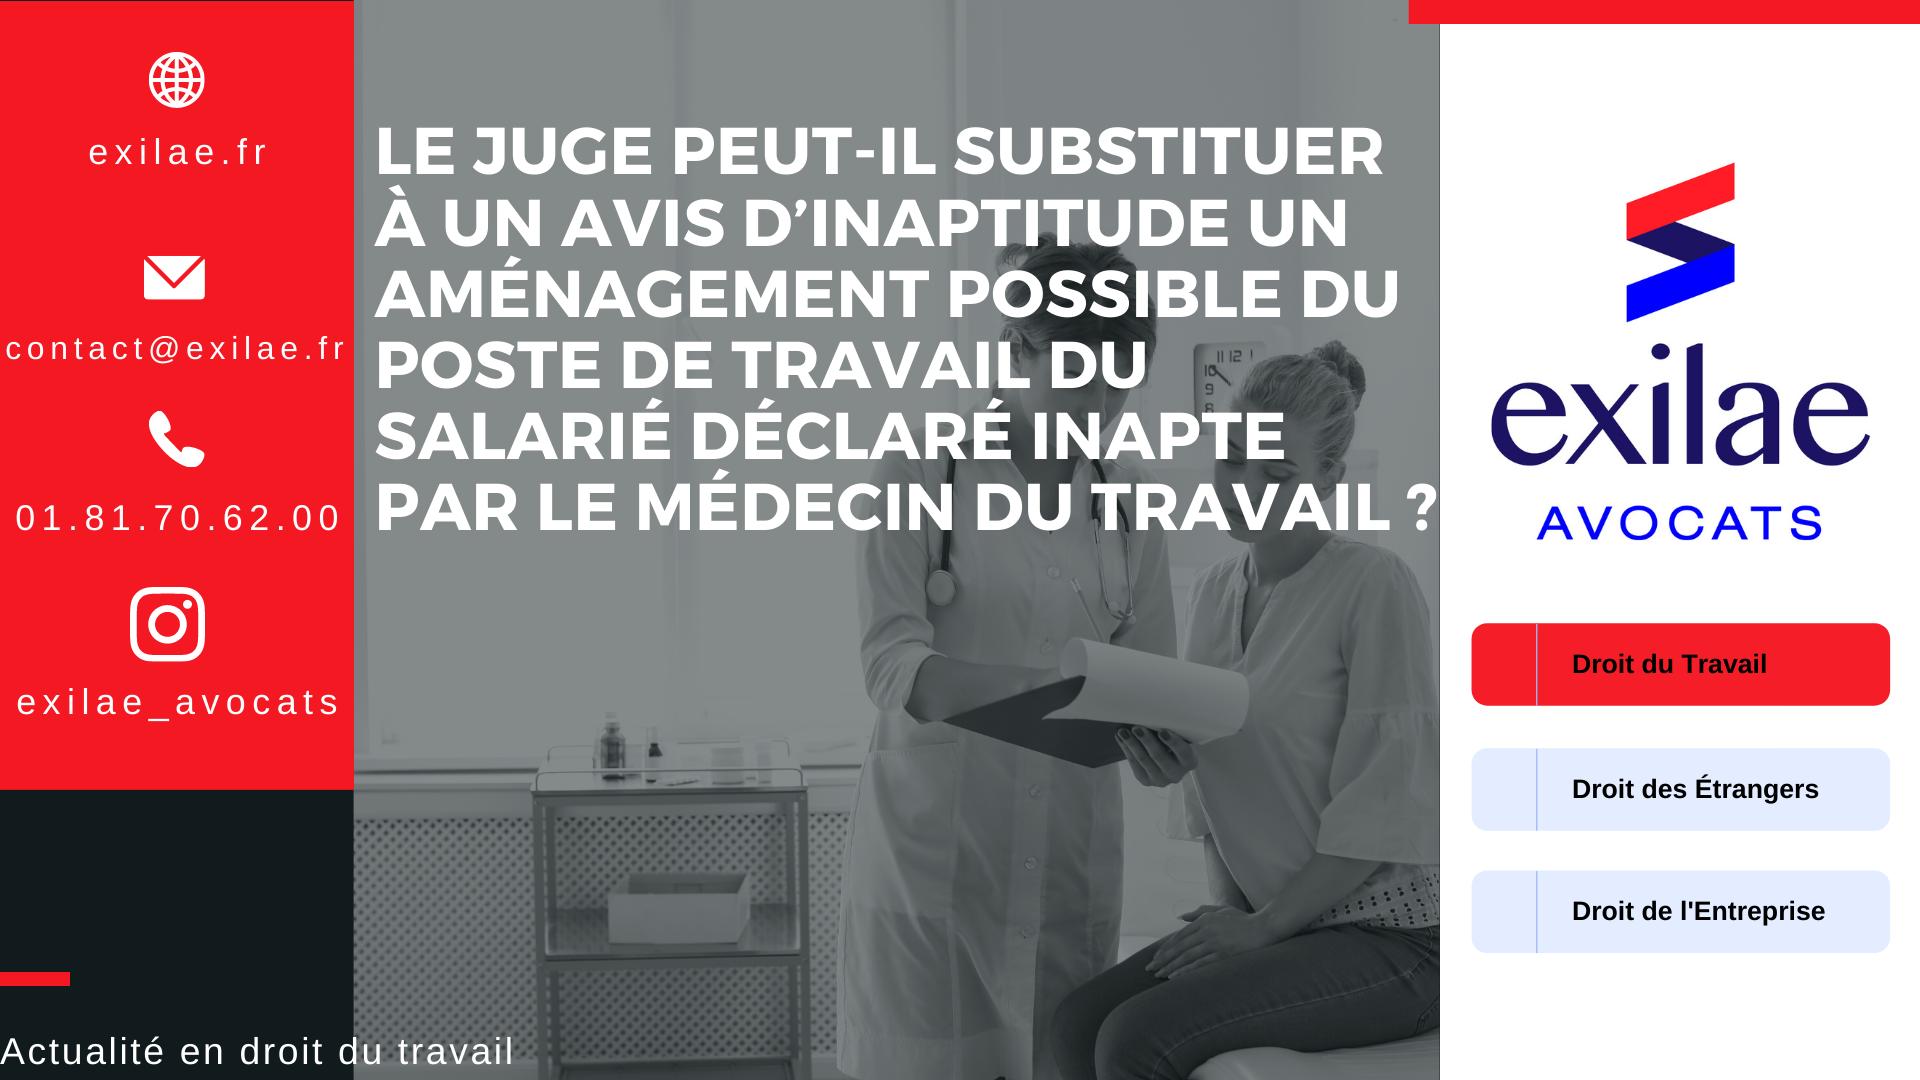 Le juge peut-il substituer à un avis d'inaptitude un aménagement possible du poste de travail du salarié déclaré inapte par le médecin du travail ?